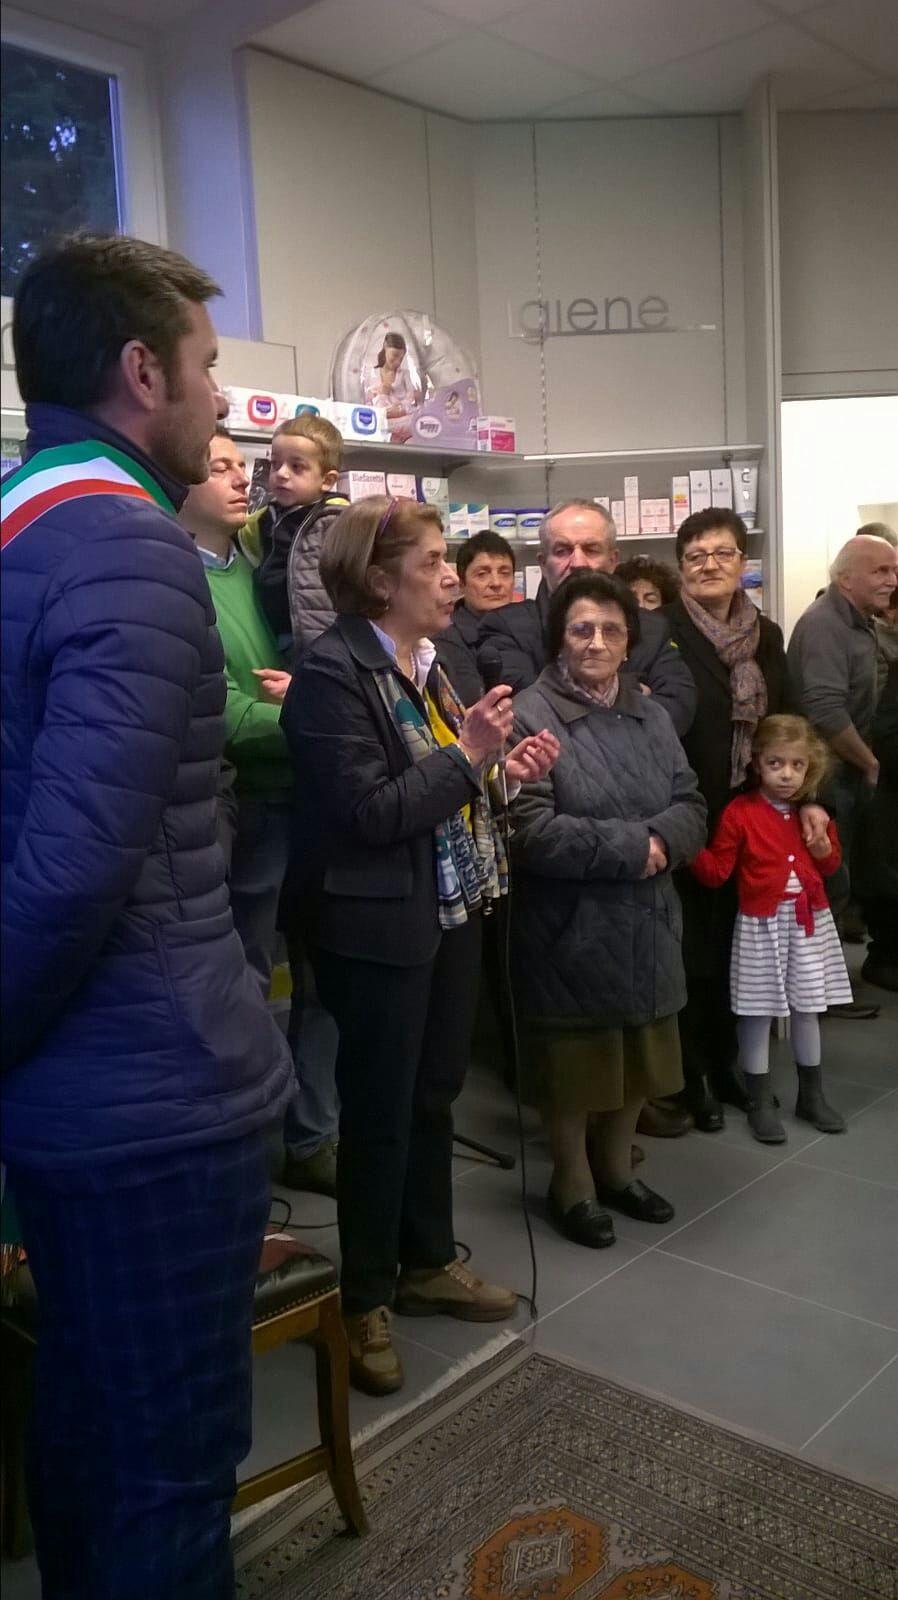 inaugurazione farmacia santanna olgiate comasco